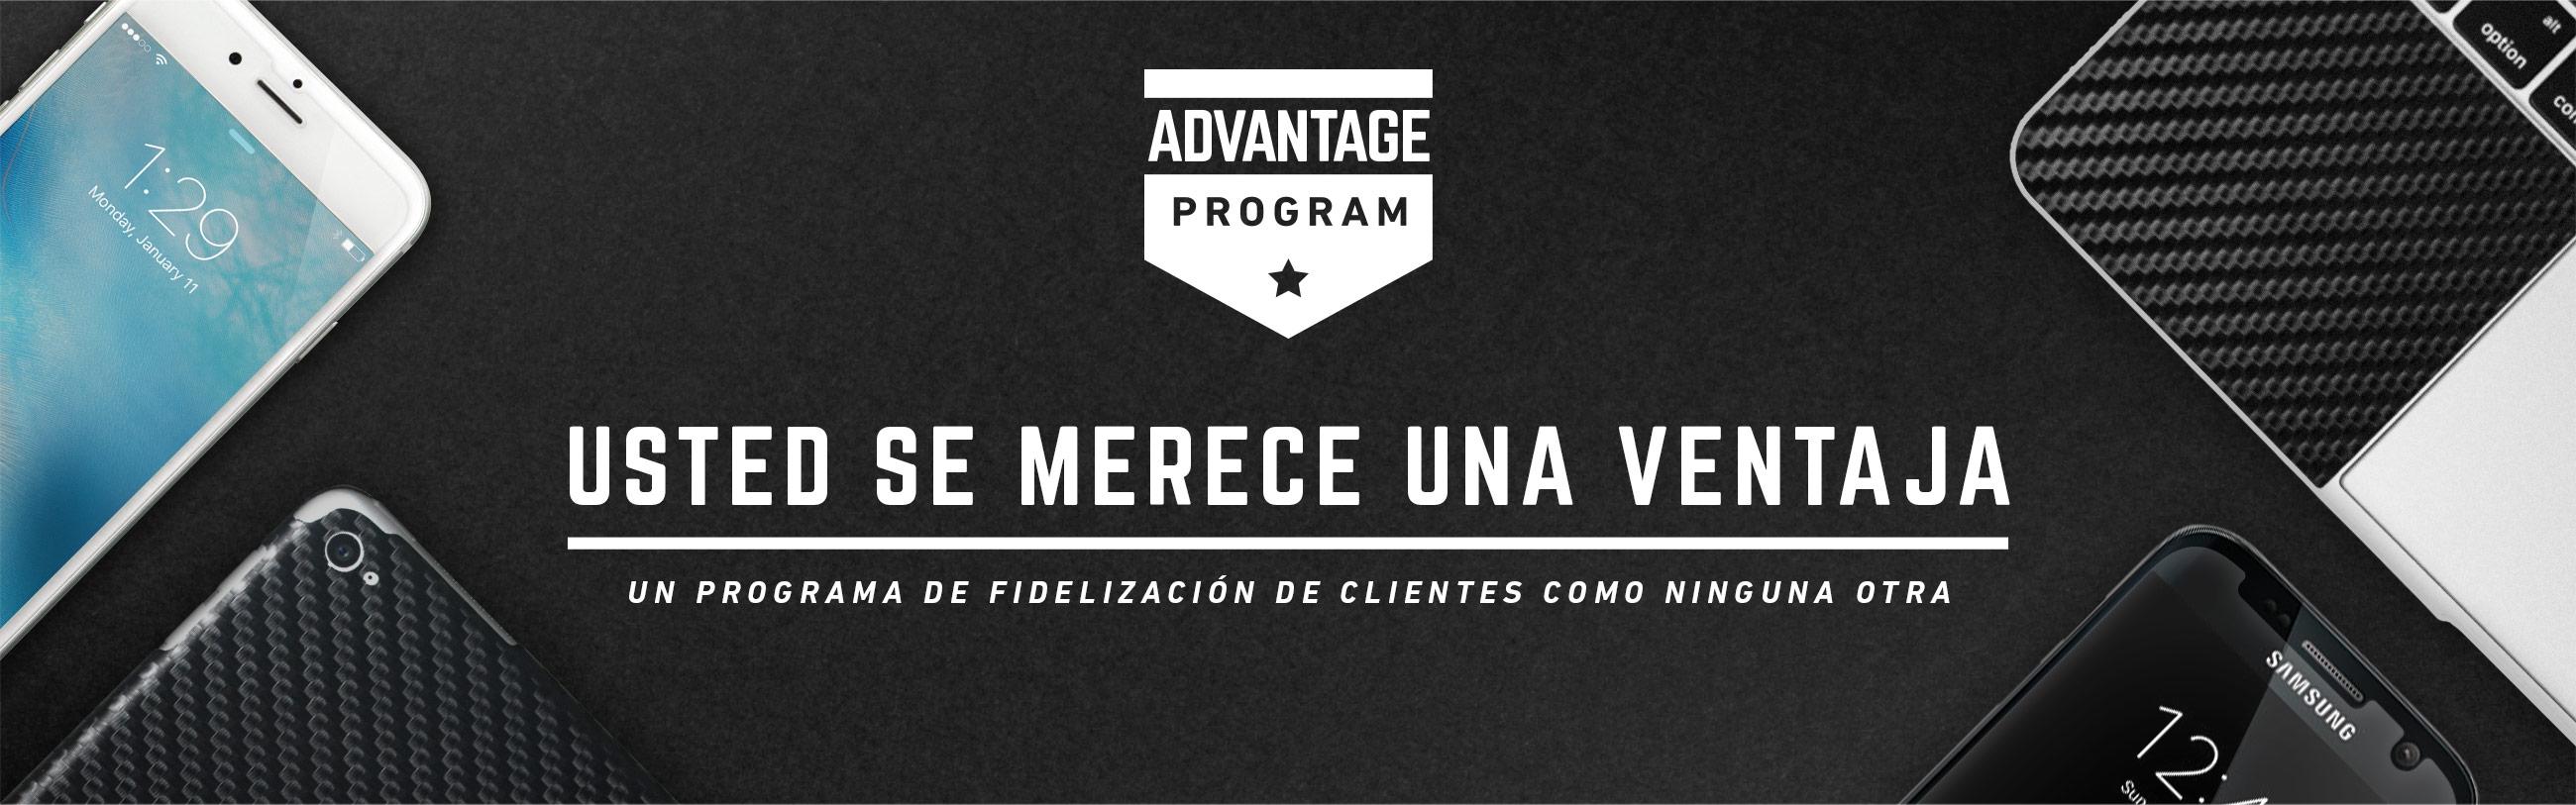 Advantage Program Header Medium